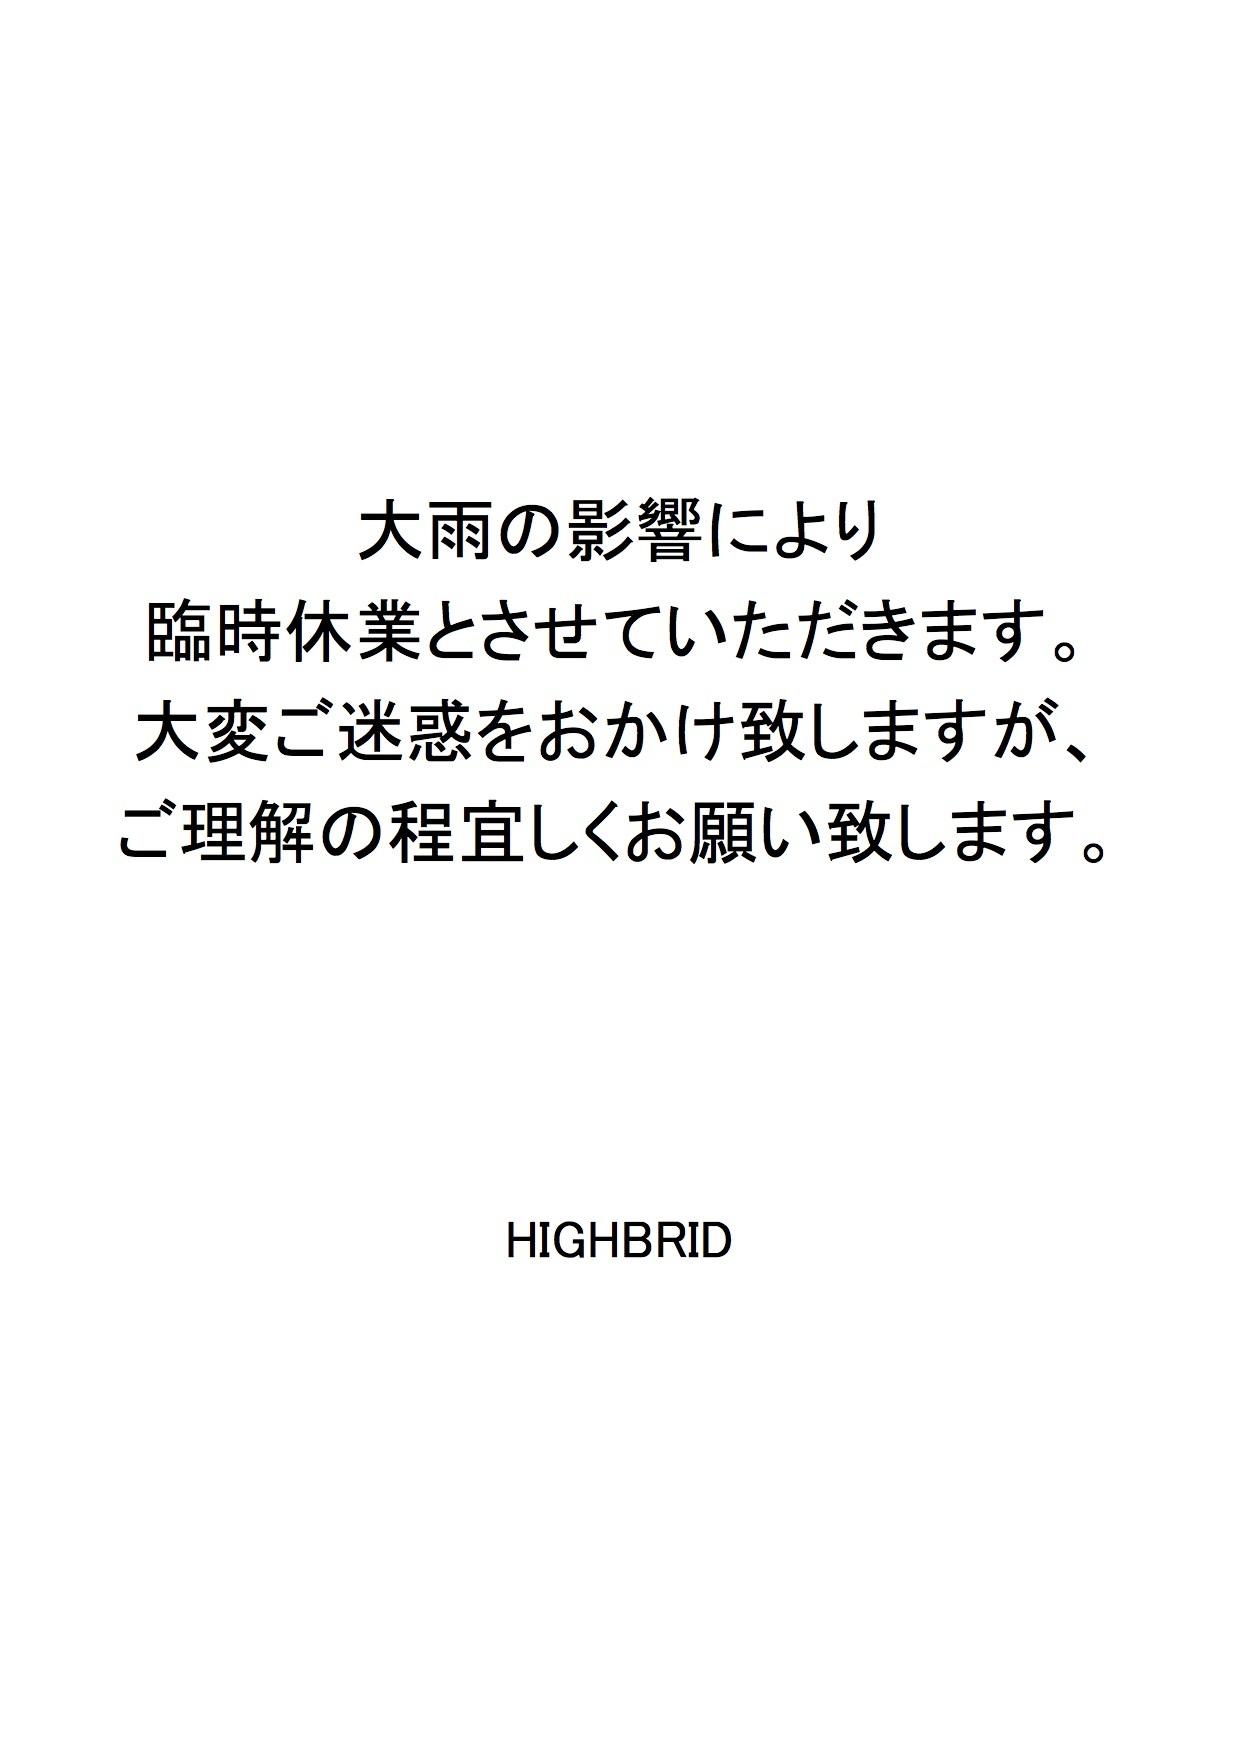 b0156682_11251760.jpg